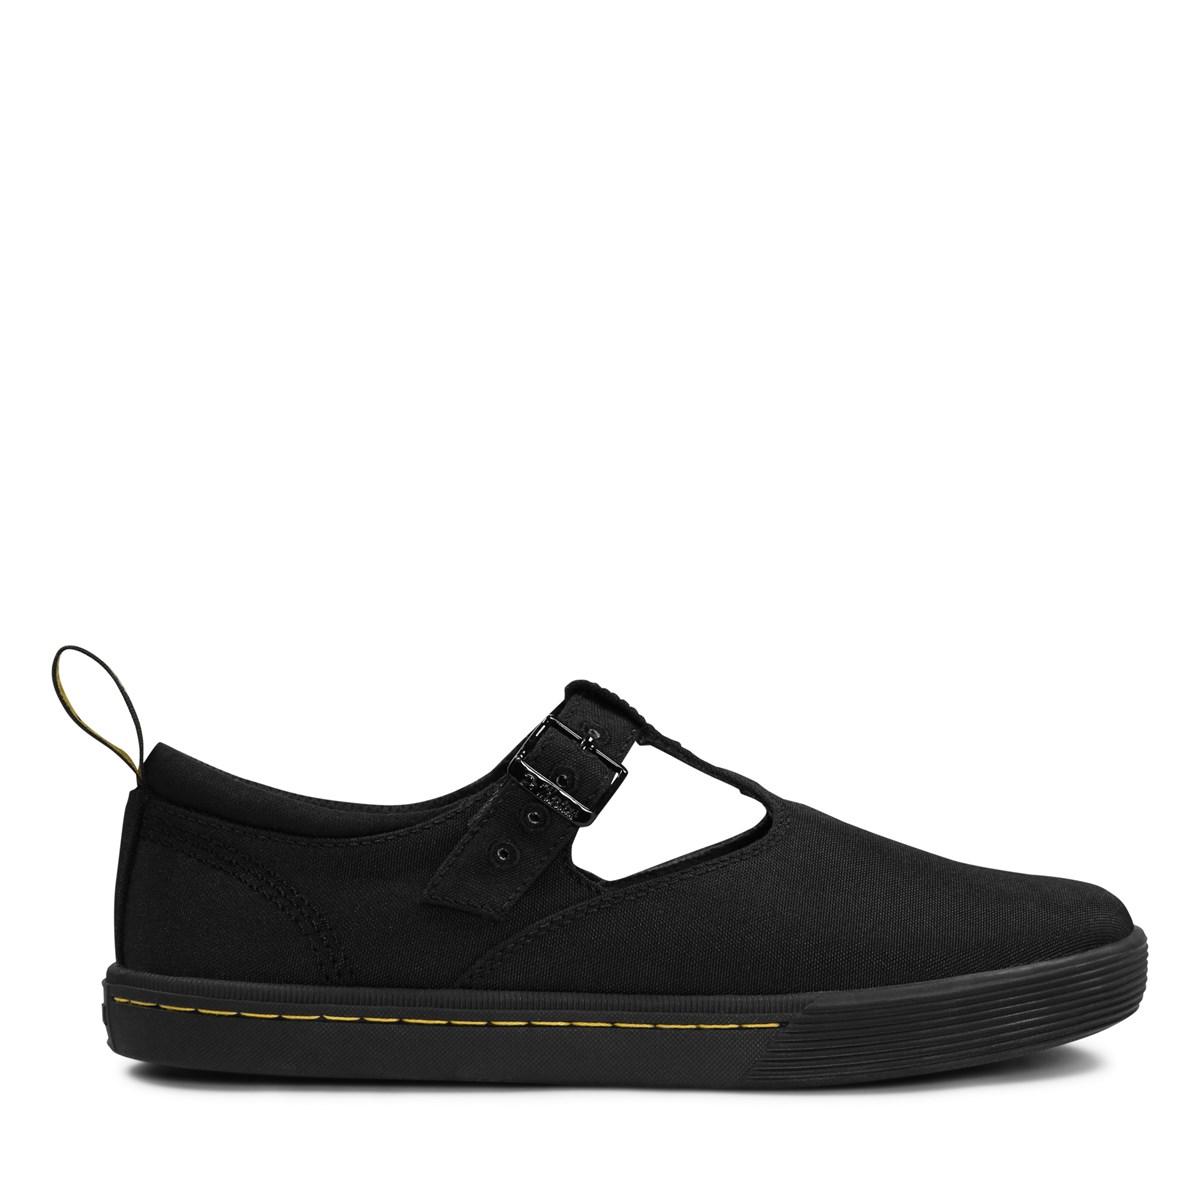 Dr. Martens Womens Winona Black Canvas Shoes 39 EU LU9j38KY